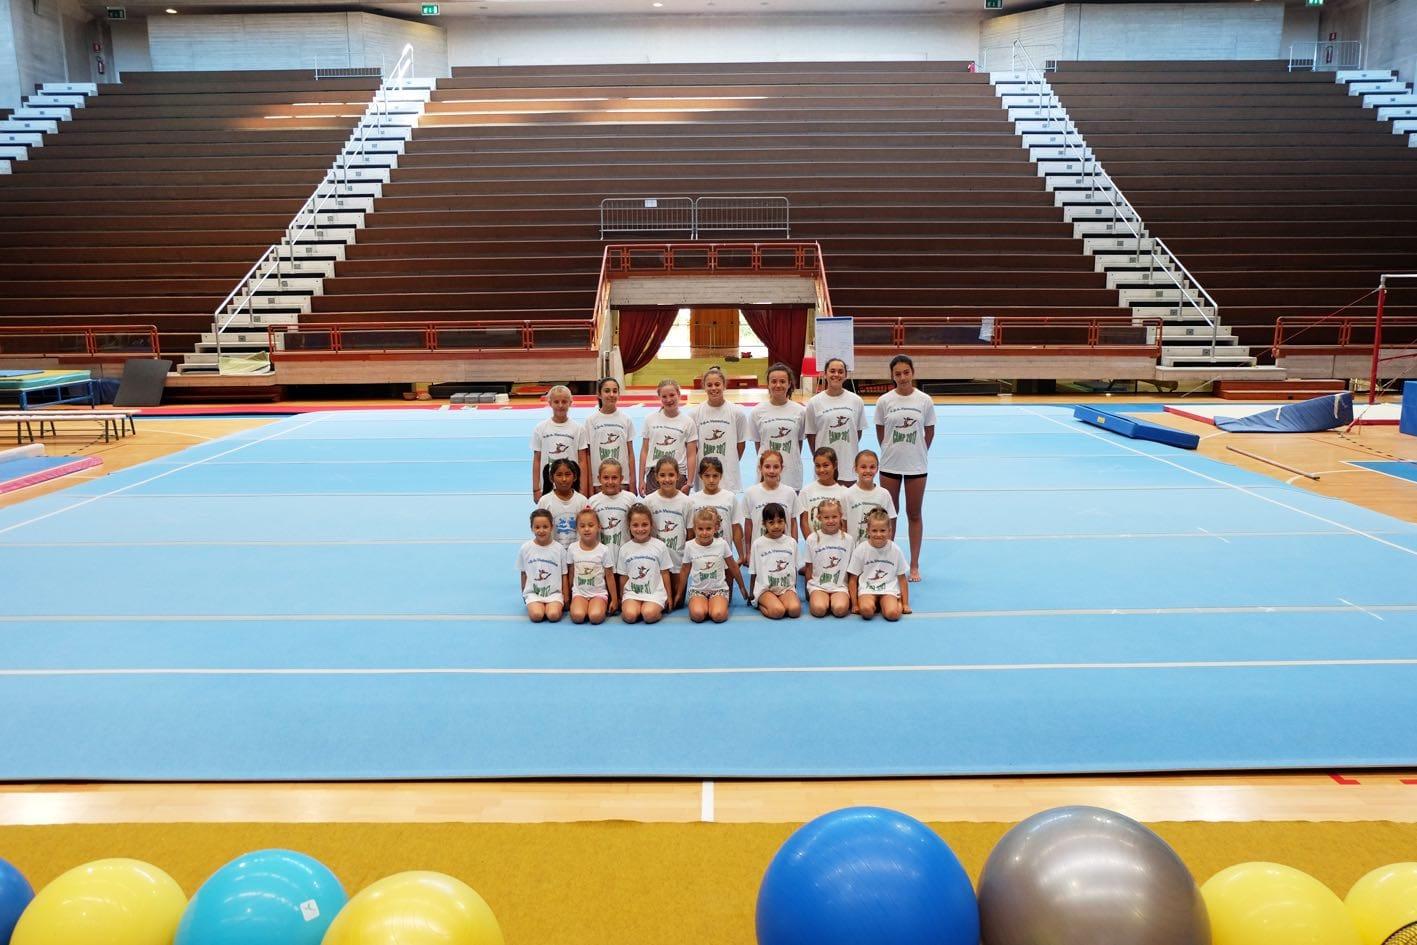 Gruppo di lavoro campp ginnastica artistica